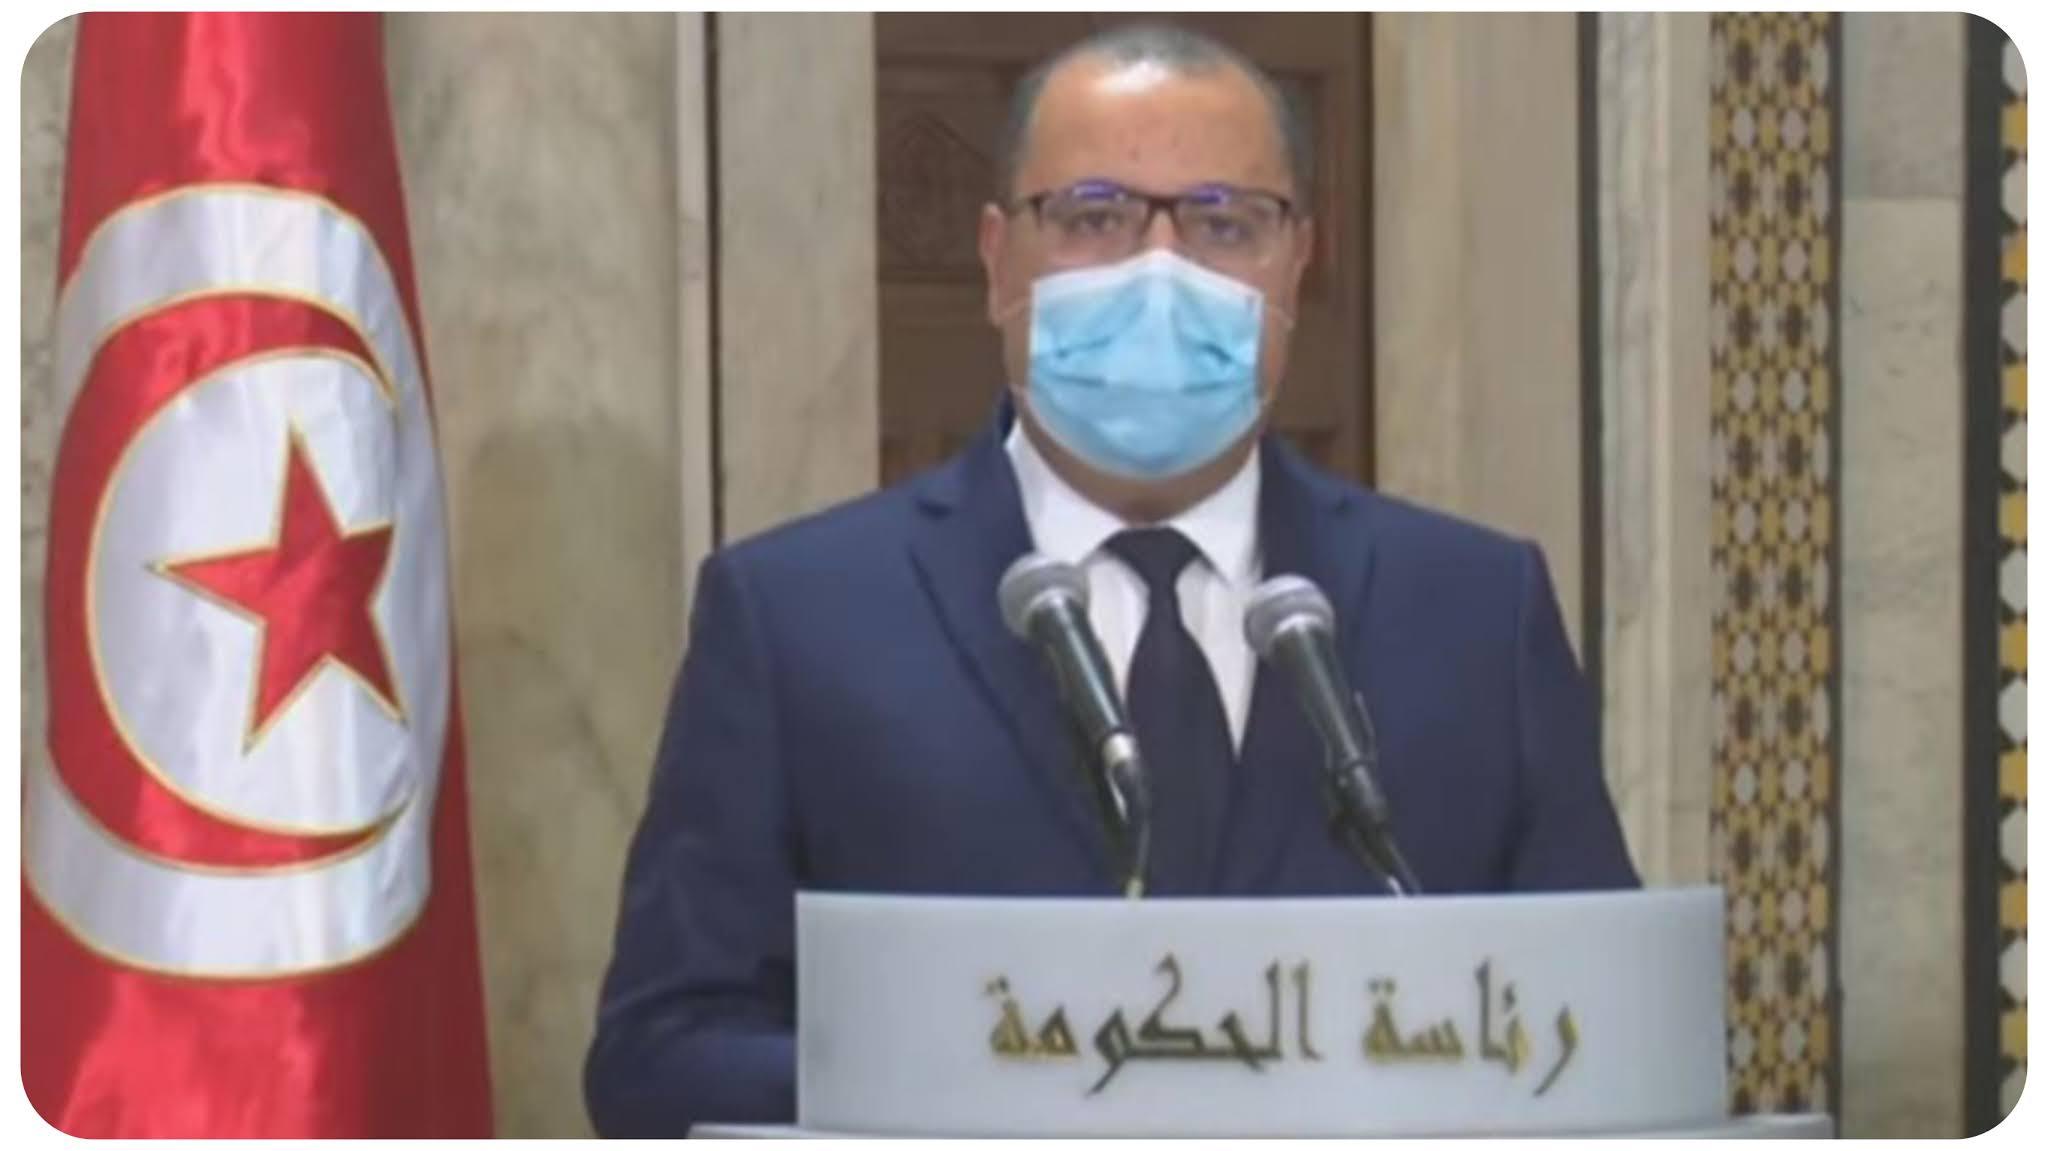 """بالفيديو هشام المشيشي : """"يزي ما تعطّلت البلاد و تفقرت توانسة و ضاعة احلامهم.. والوضع الإقتصادي ماعادش يتحمل"""""""